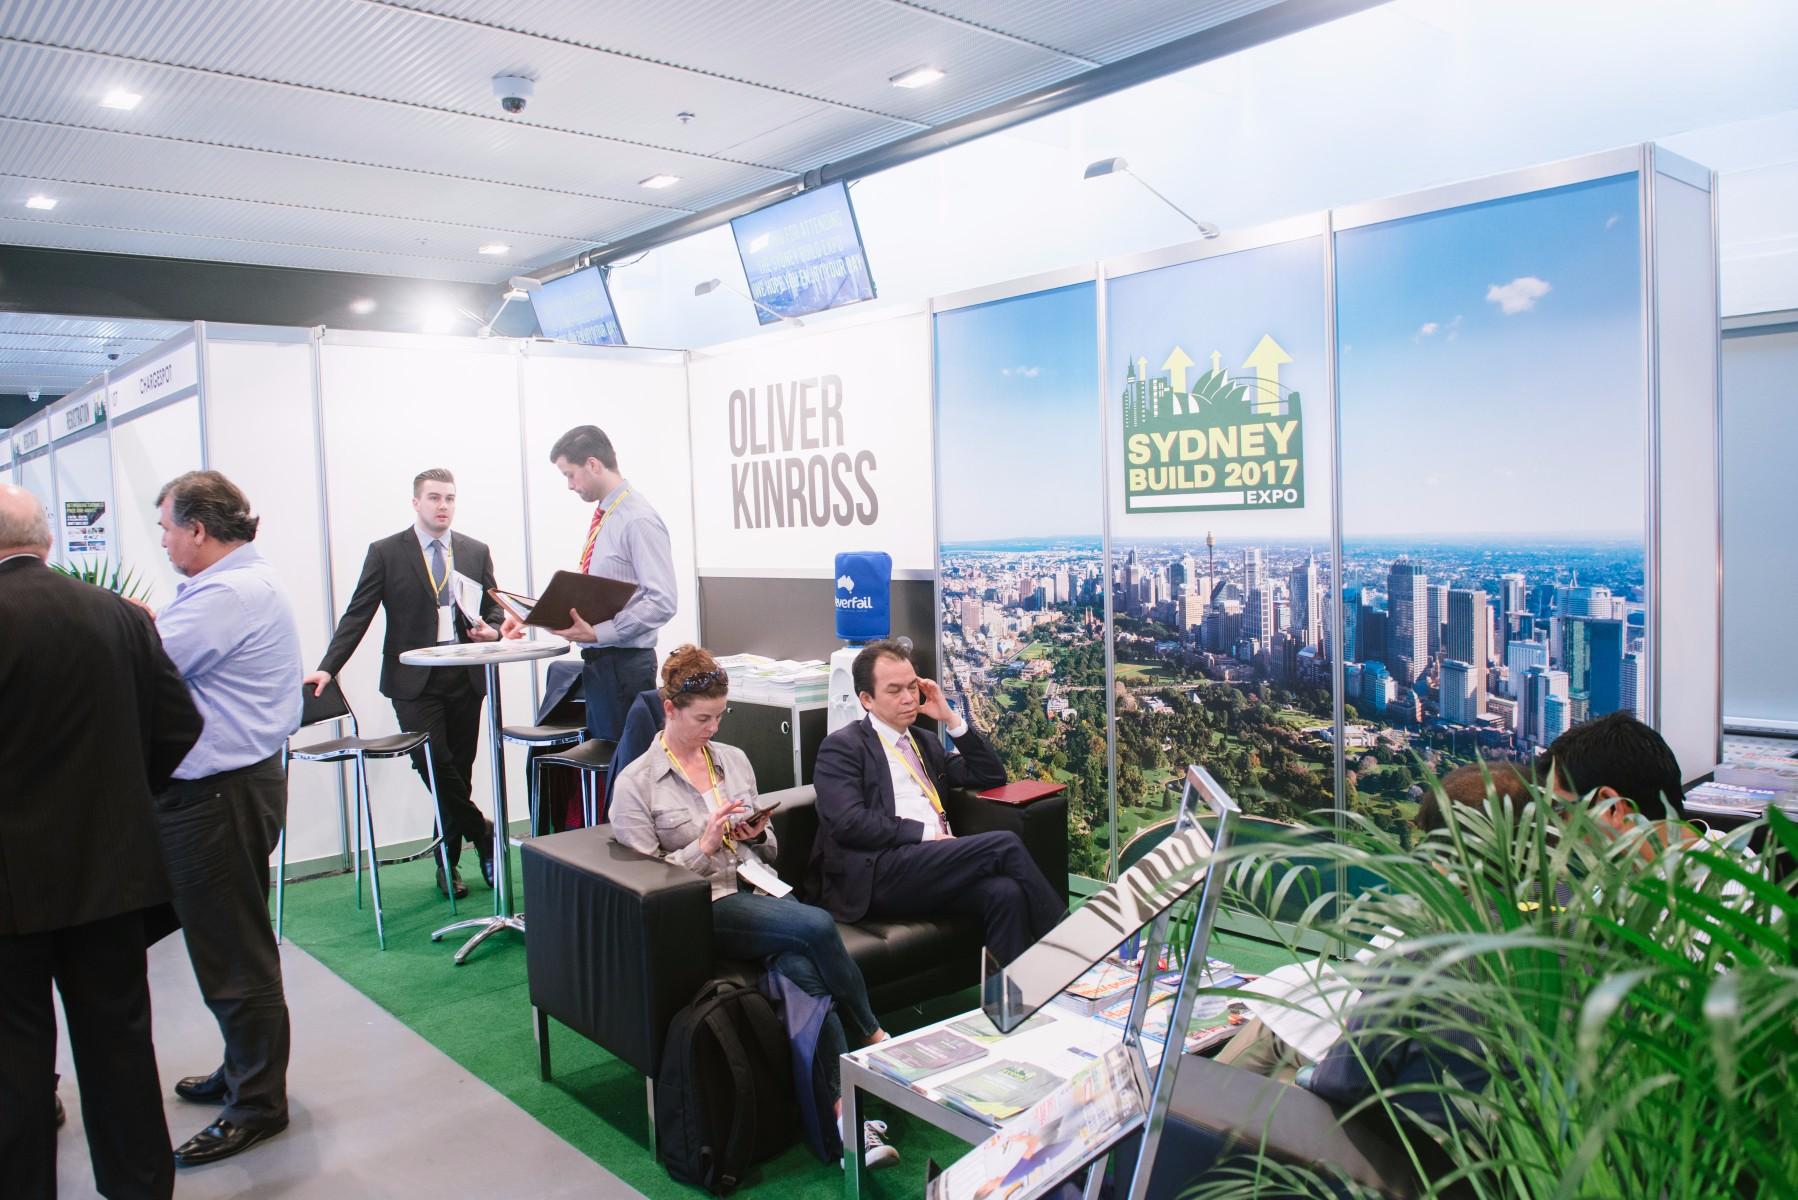 The Future Sydney Summit